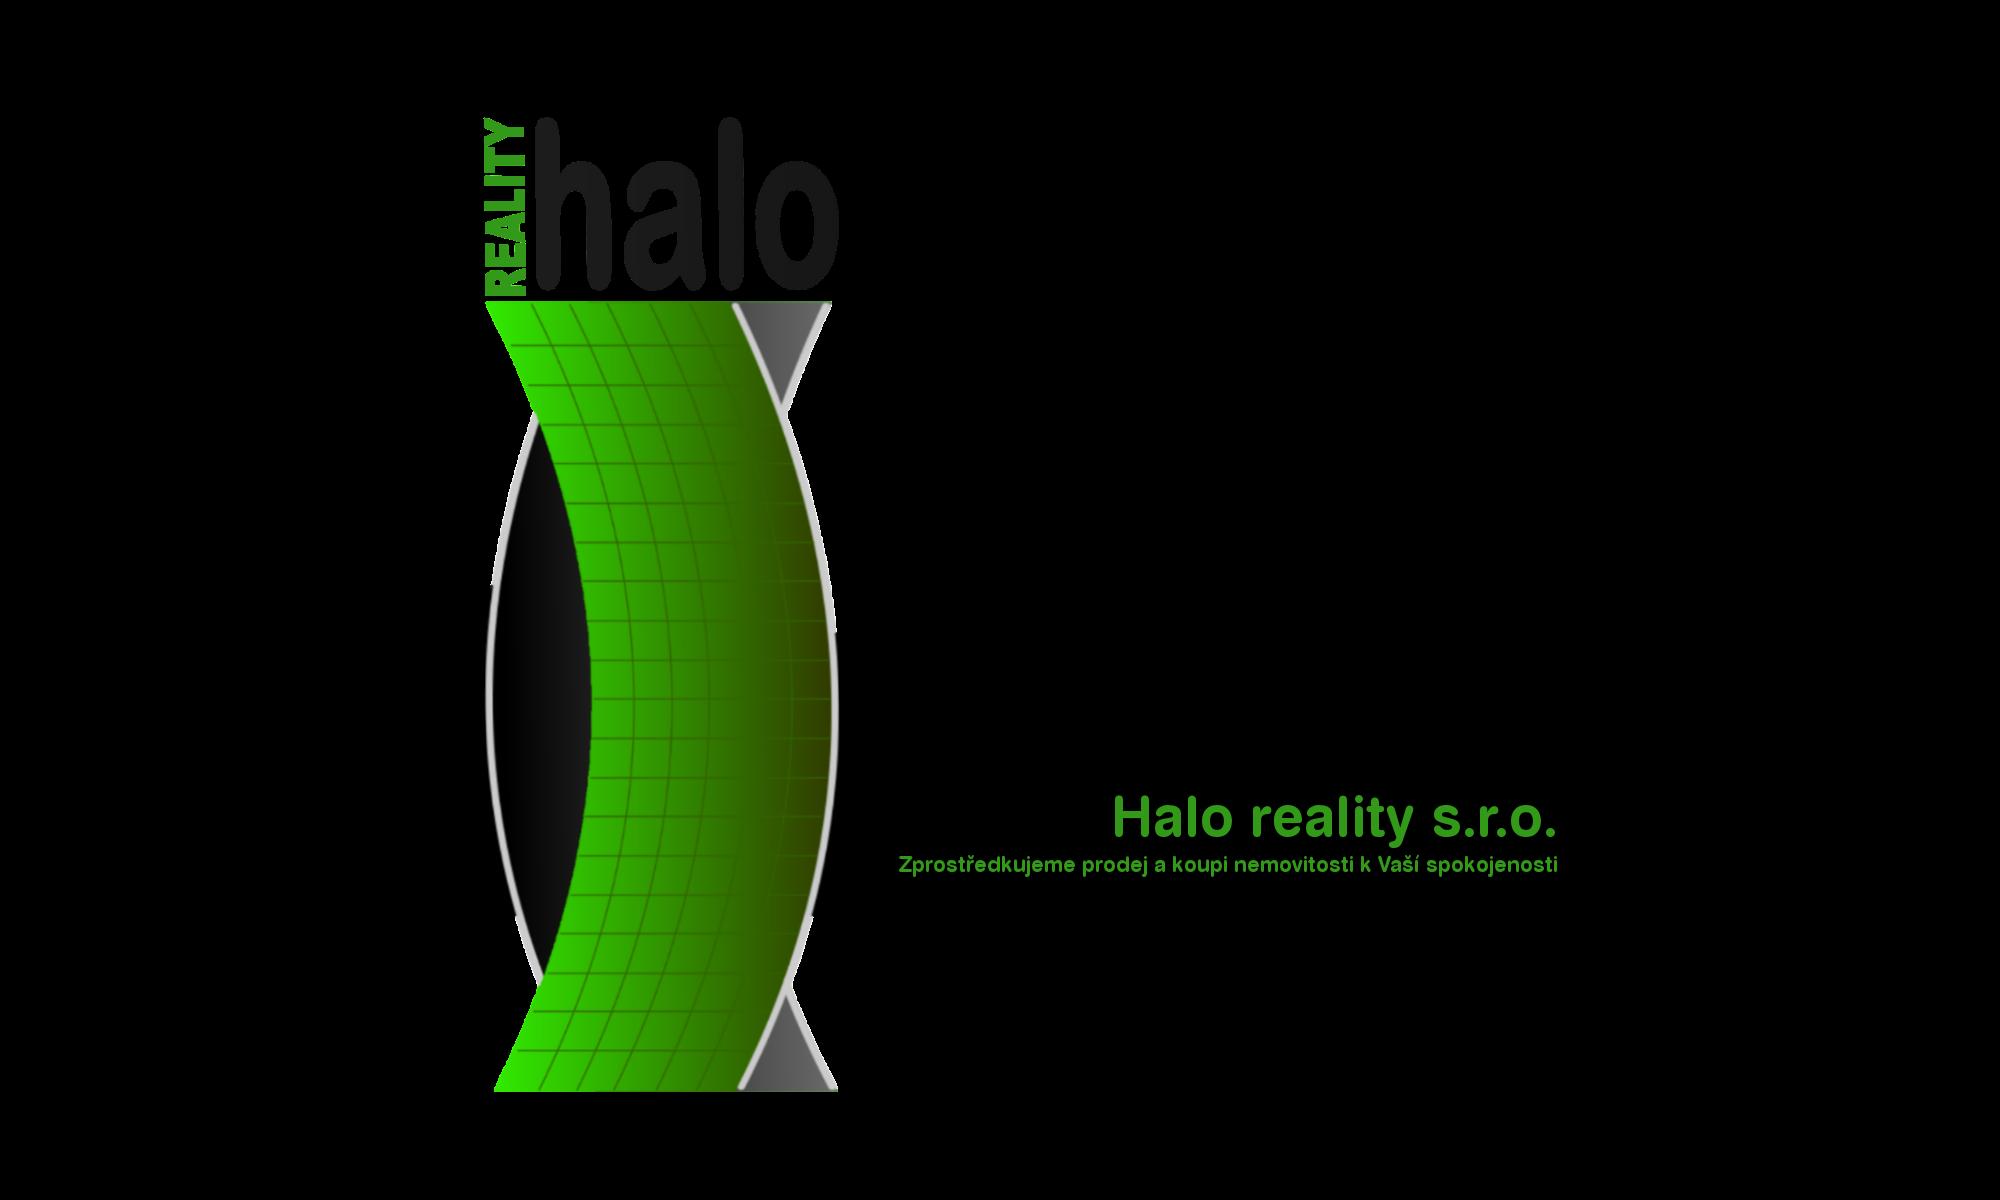 HALO reality s.r.o.